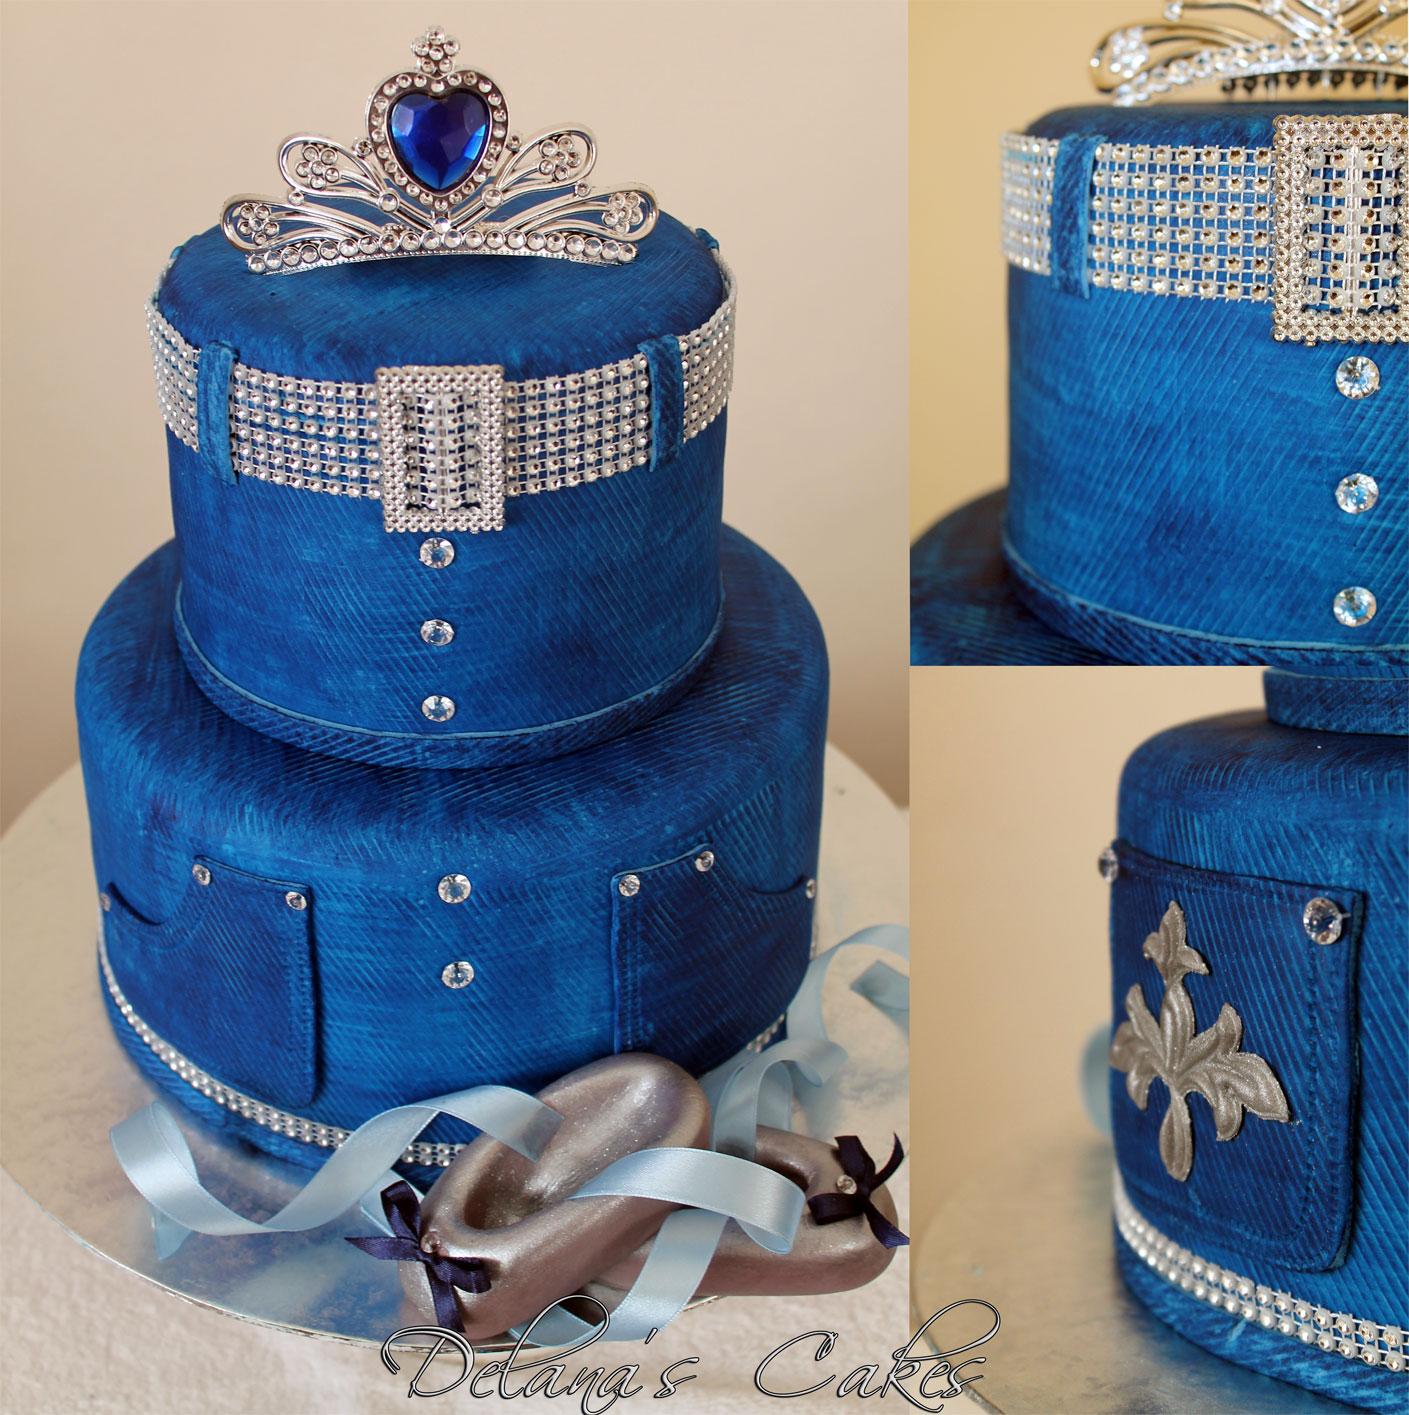 Delanau0026#39;s Cakes Denim and Diamonds Cake